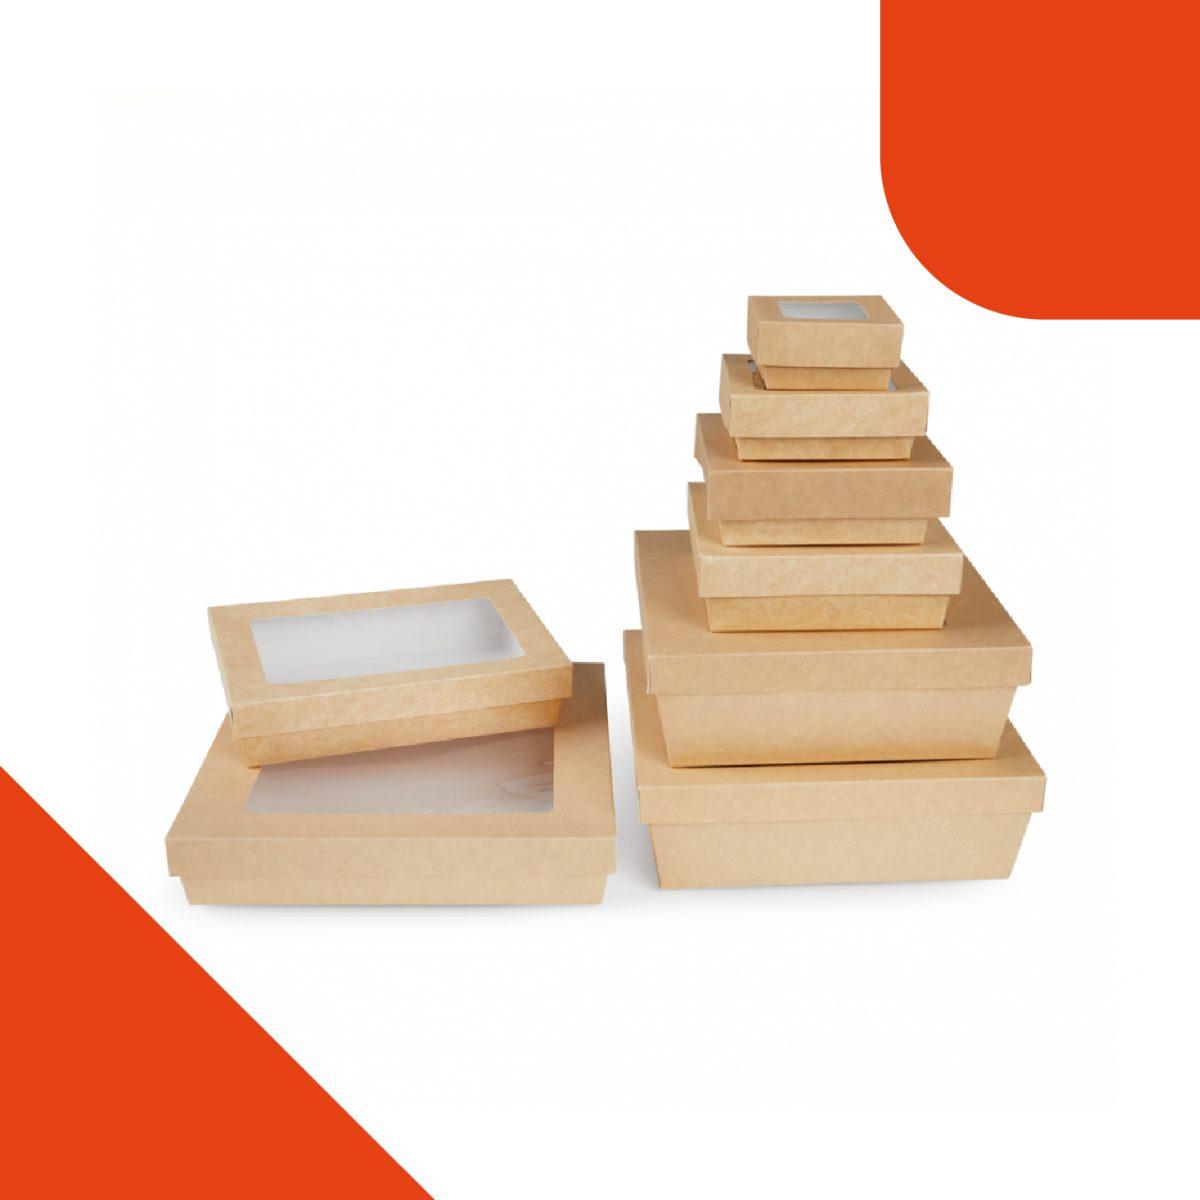 Le scatole kray sono le food box perfette per il delivery food e il take-away. Un focus su questo prodotto per conoscerlo meglio.1